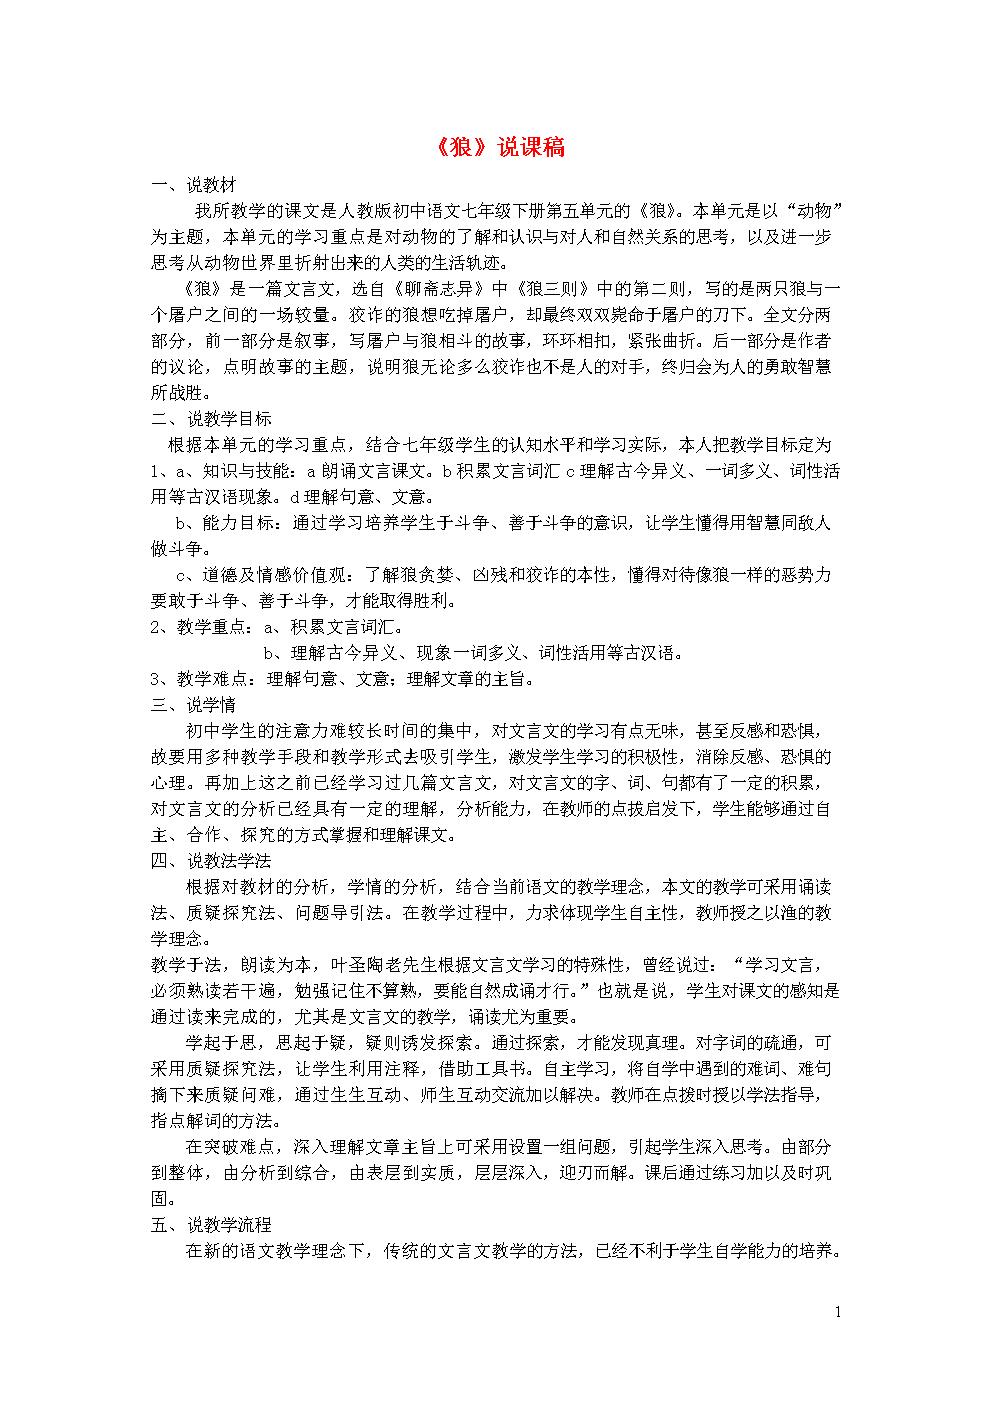 新人教版七年级语文上册第五单元18狼说课稿 .doc